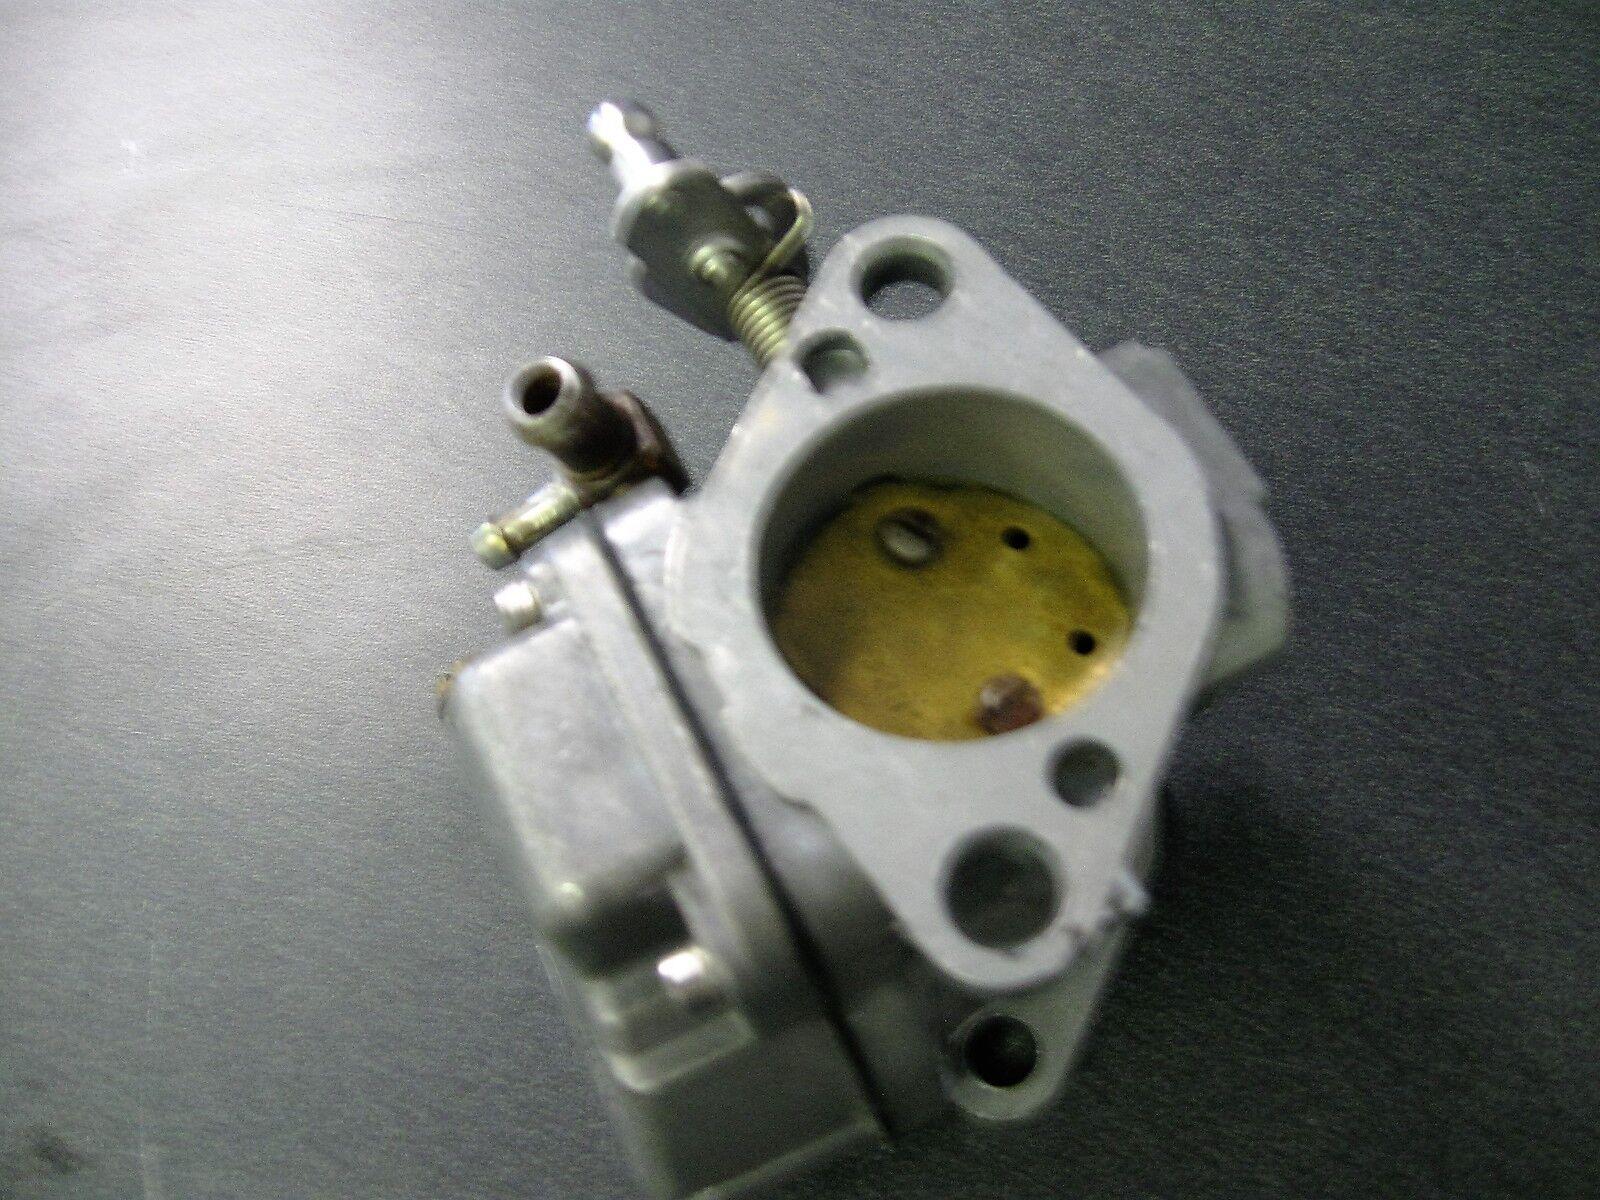 Mercury Mercury Mercury Außenborder Vergaser Montage WME-34-1 a5960a